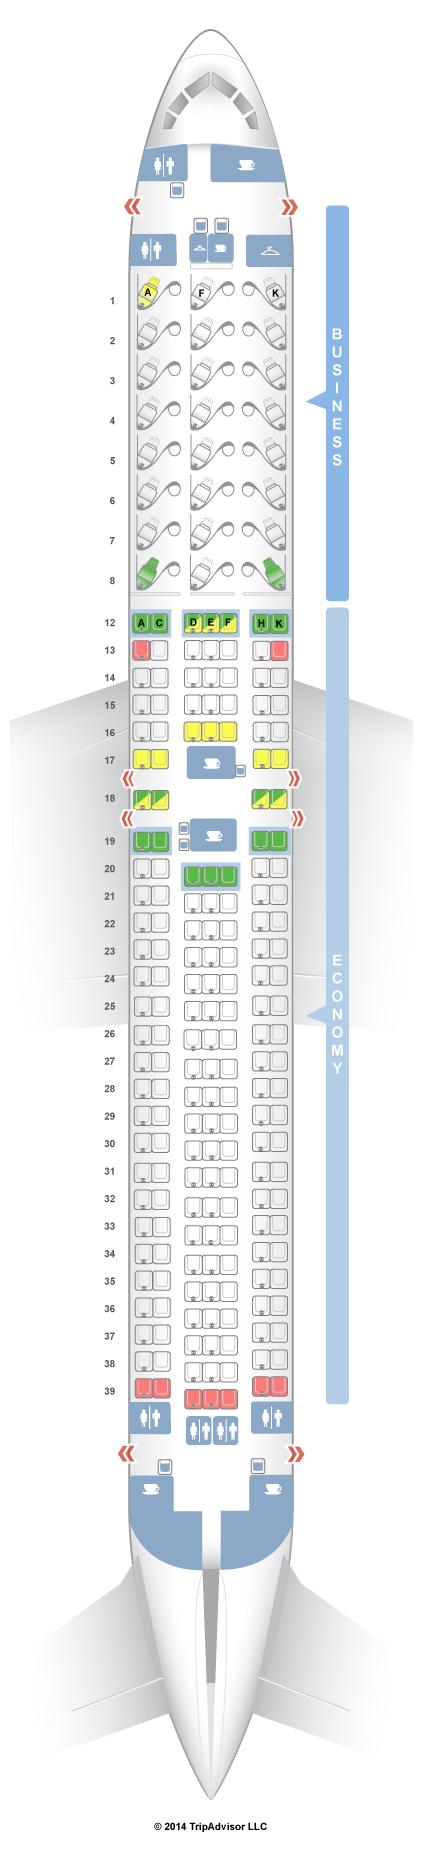 Seatguru seat map air canada boeing er  also travels in rh pinterest